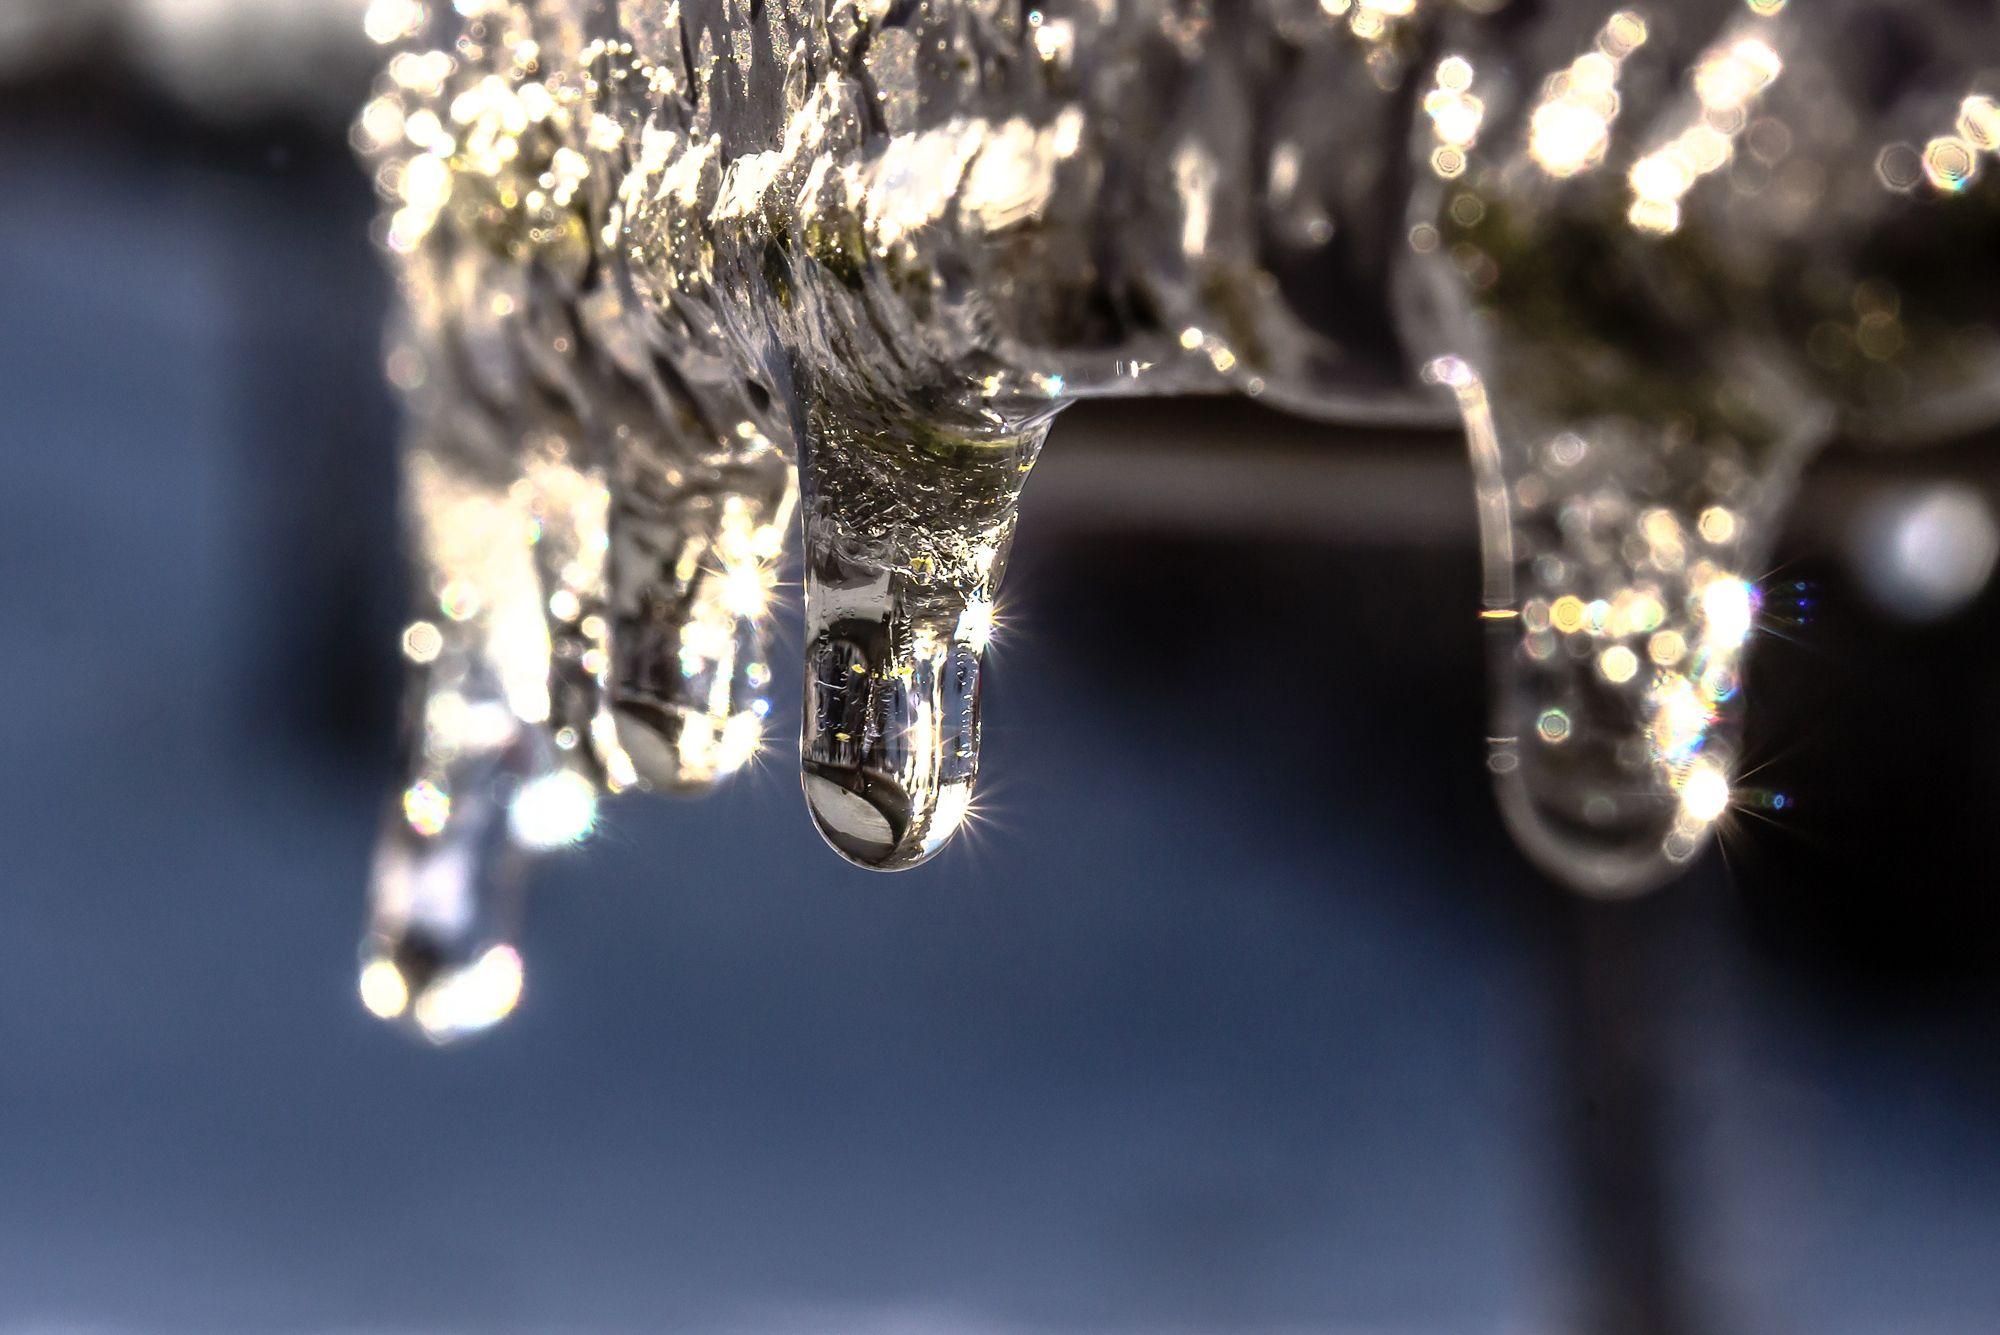 Tuyau couvert de glace |Plombier | Plomberie Lafleur | Montréal